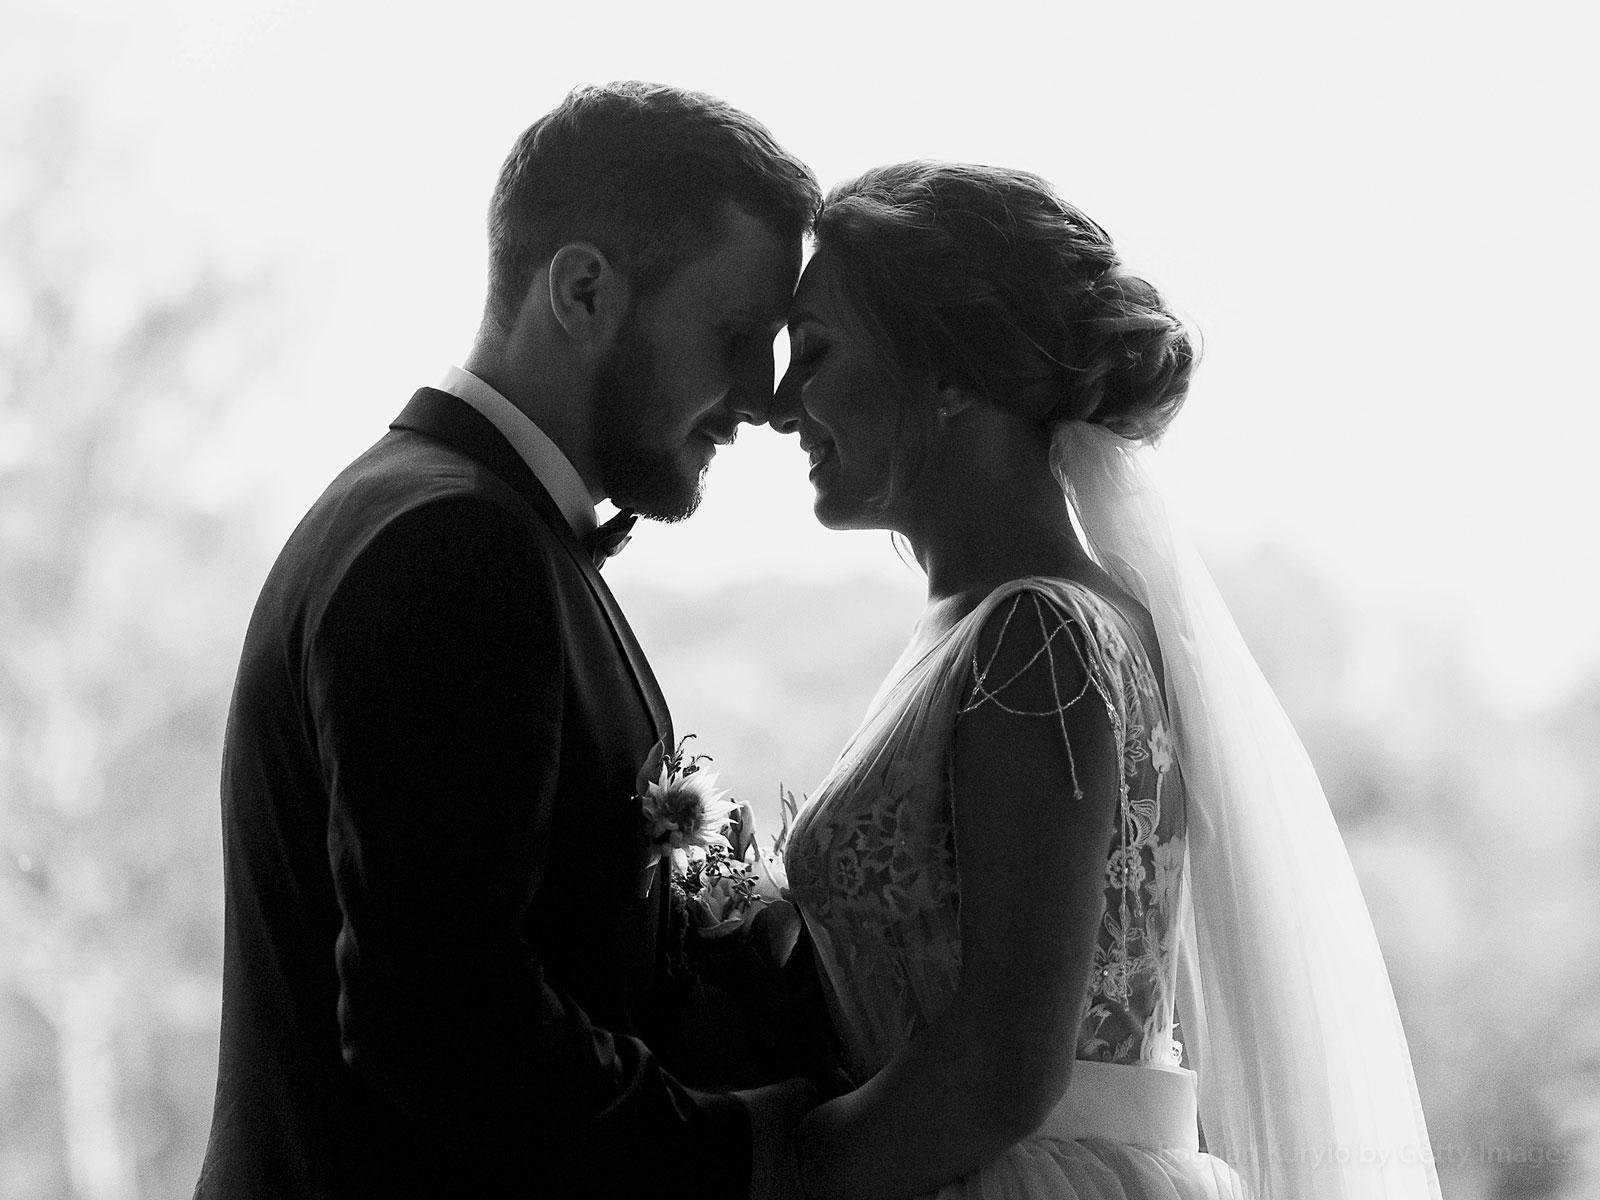 Seis palavras da Bíblia sobre casamento